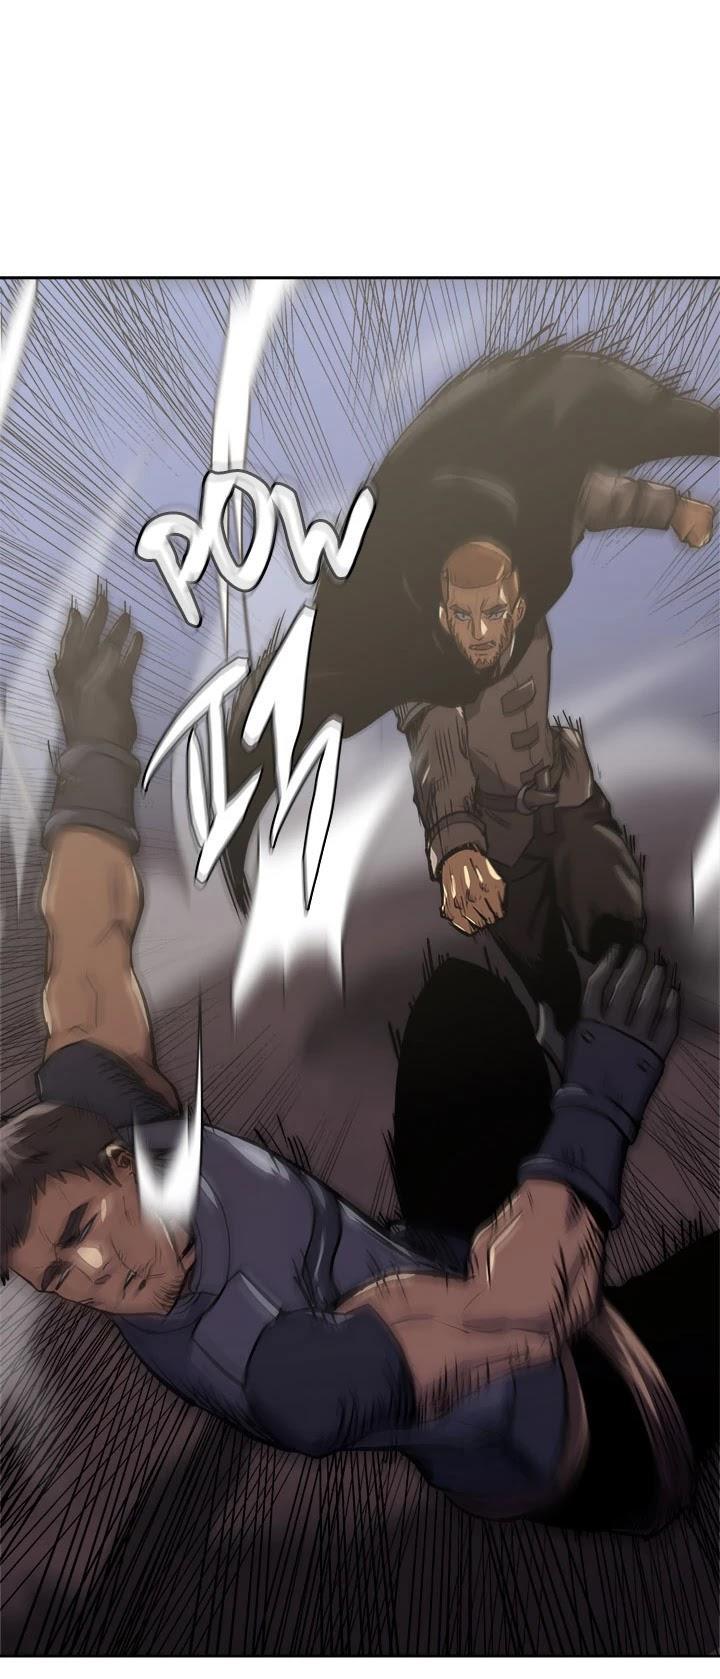 Other World Warrior Chapter 164: Season 4 Ch 52 page 5 - Mangakakalot